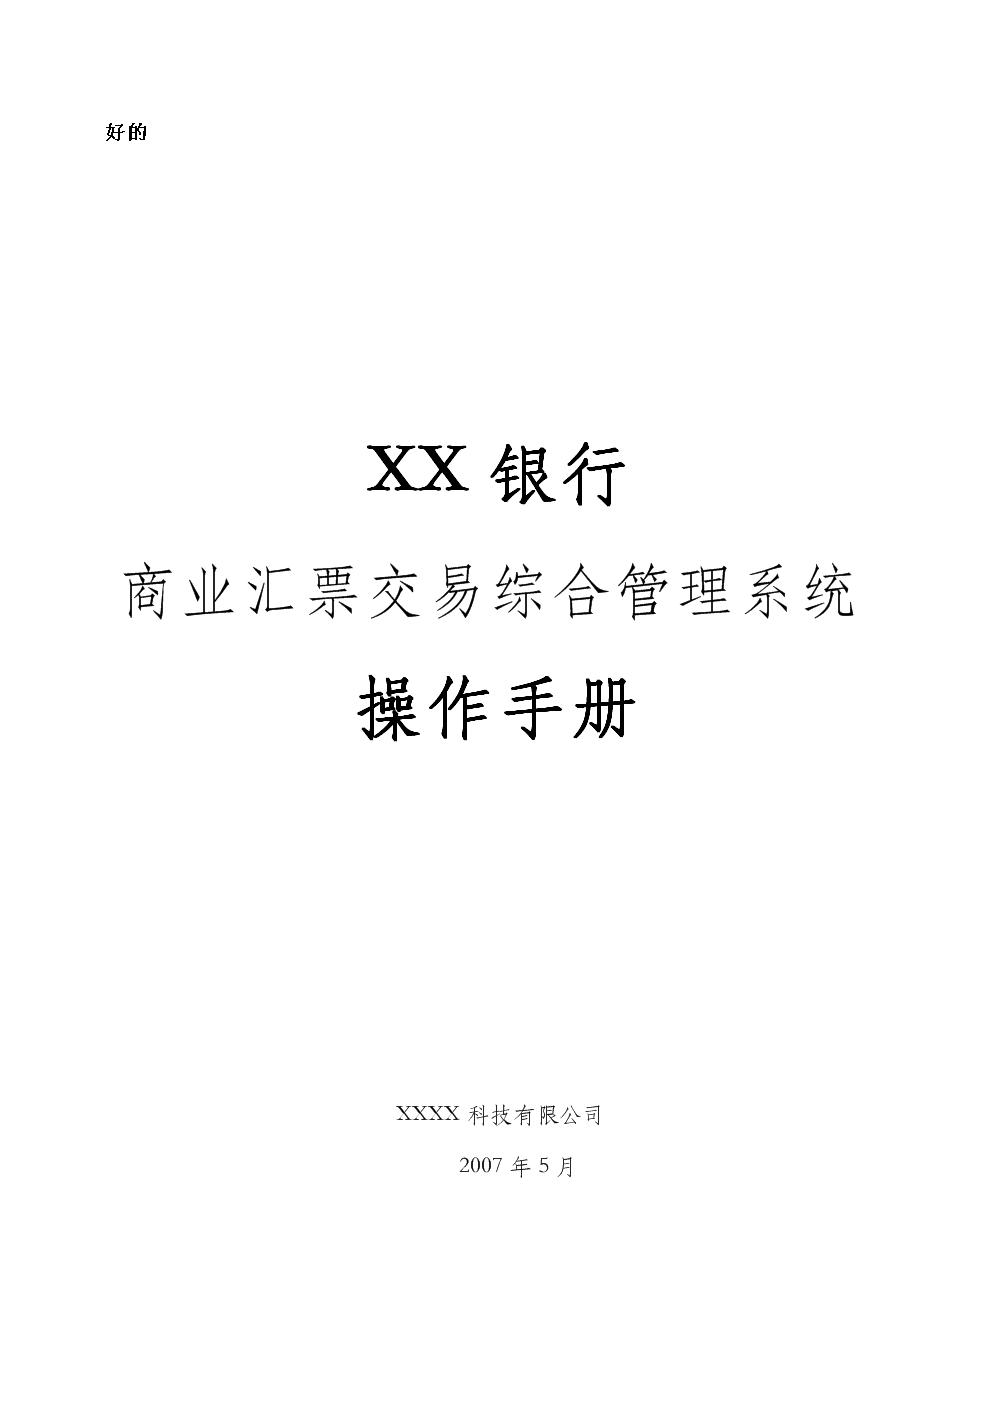 XX银行商业汇票交易综合管理系统操作手册.doc